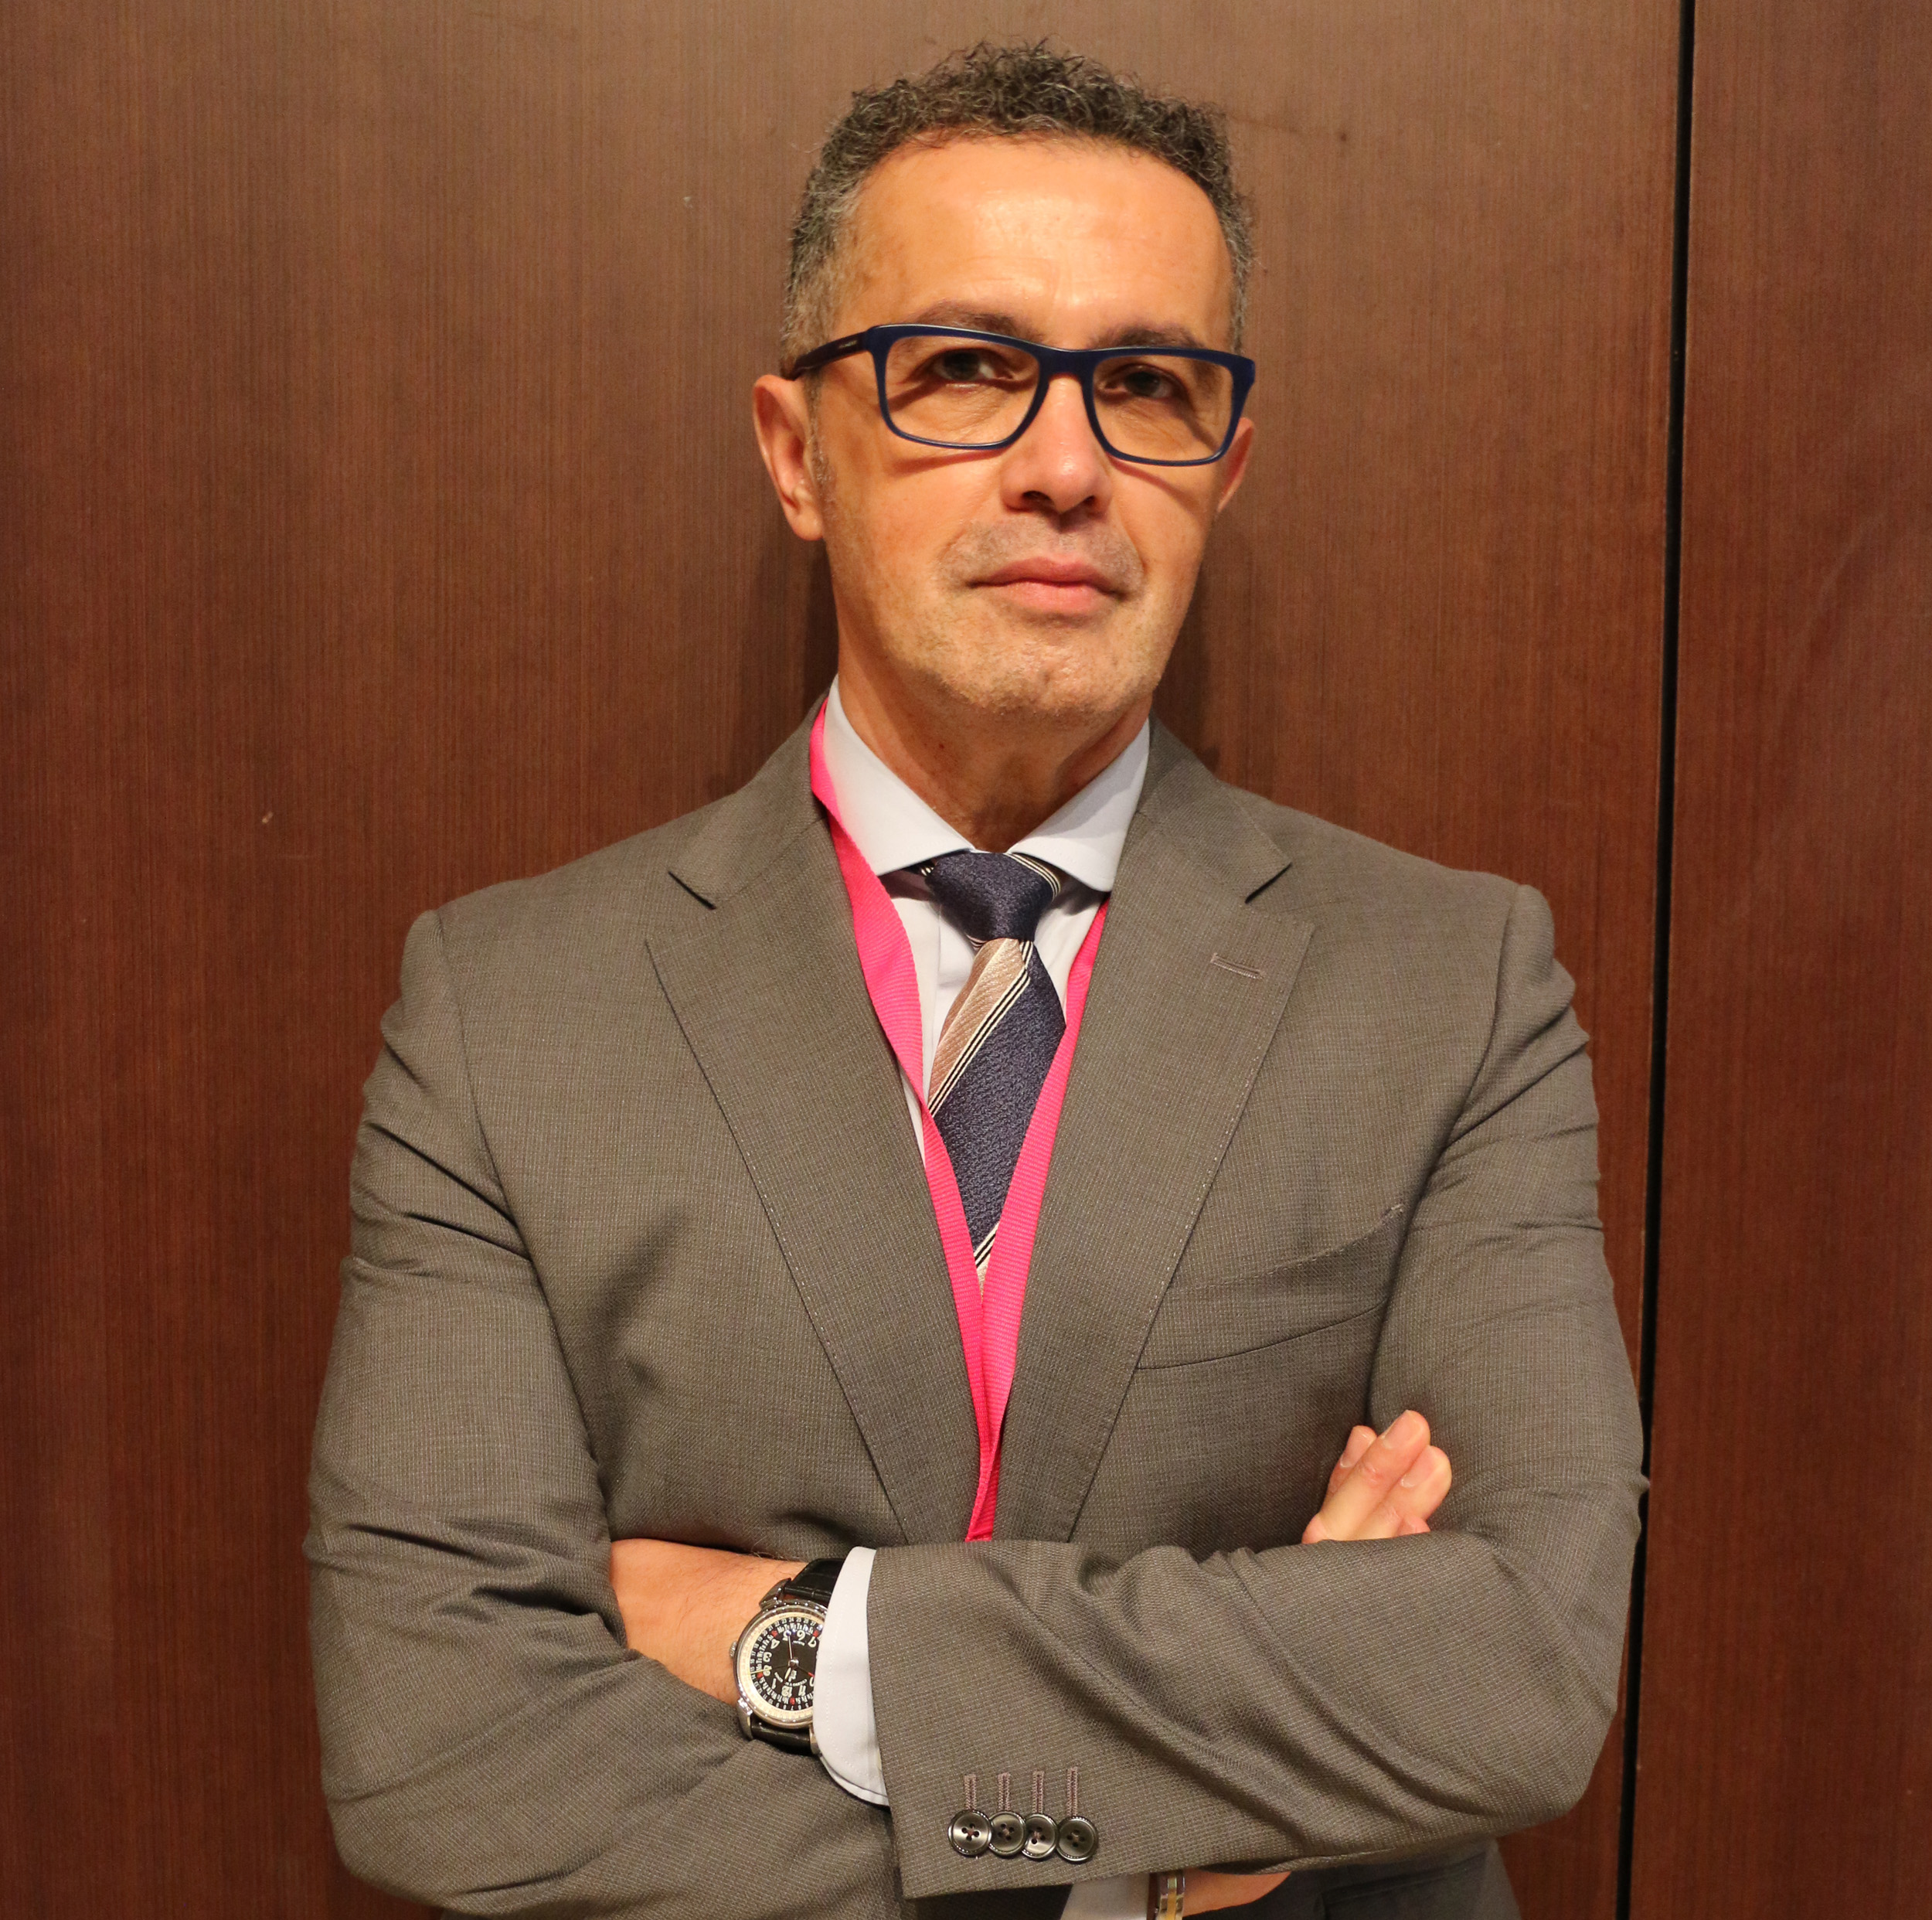 El doctor Manuel Ruiz Borrego, nuevo presidente de la Sociedad Andaluza de Oncología Médica (SAOM)